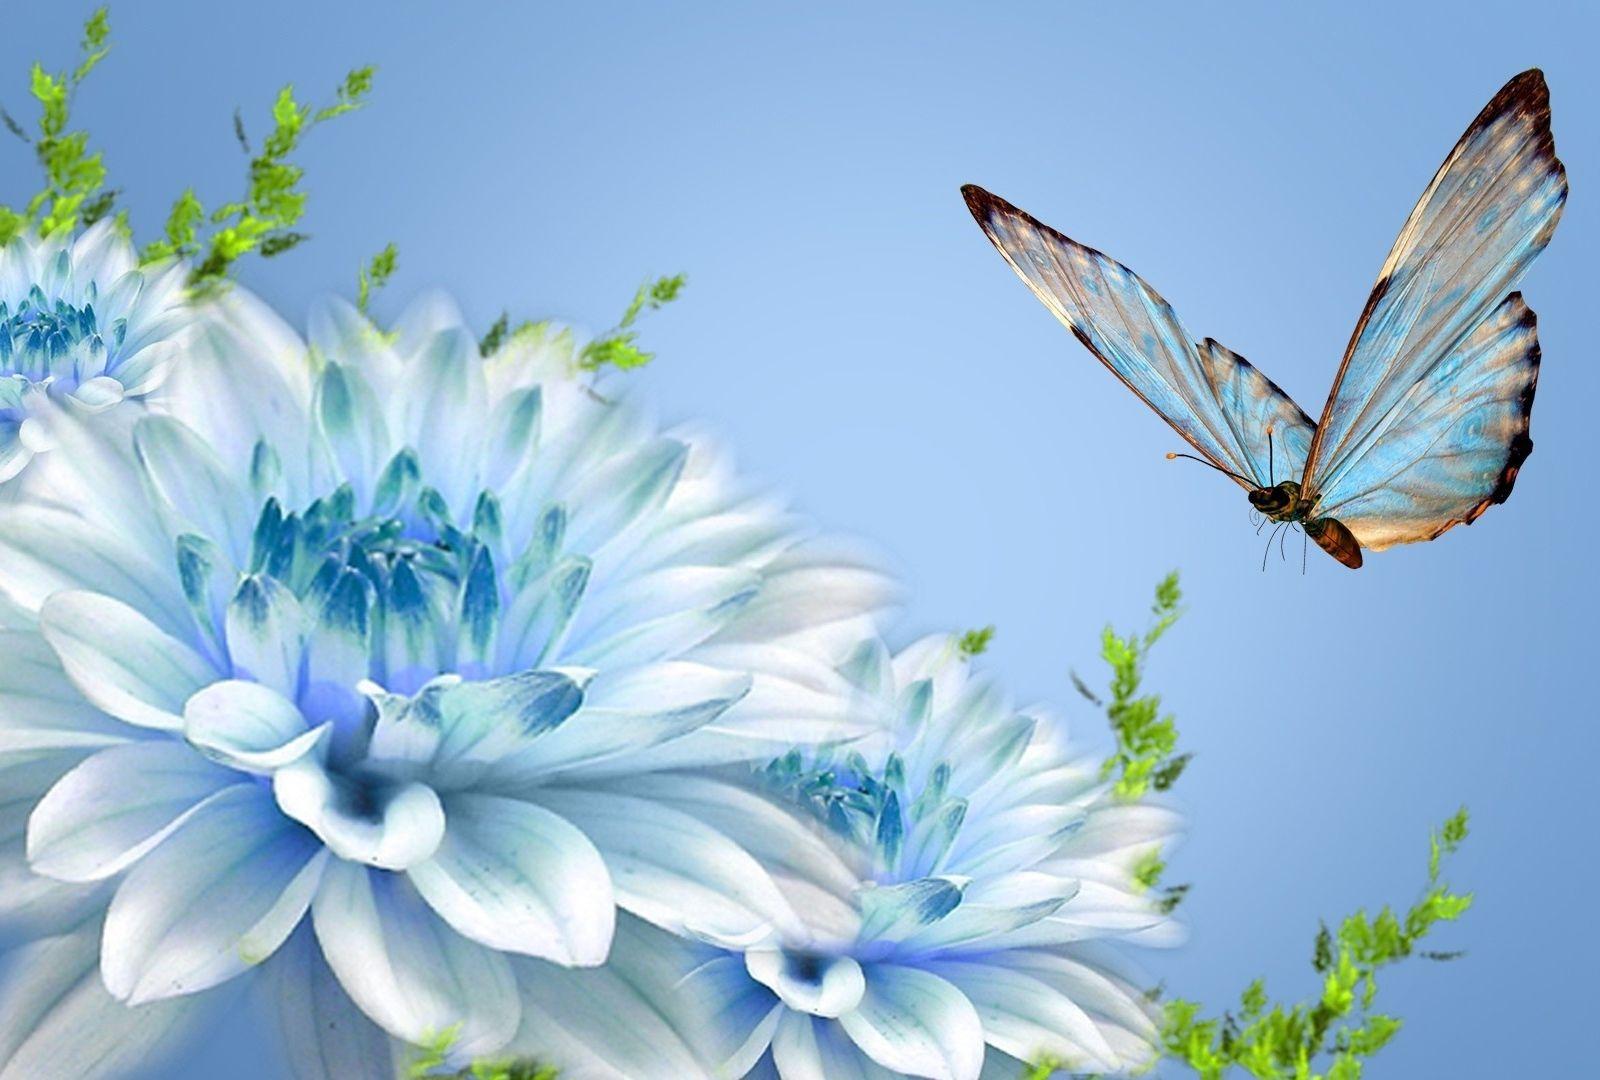 Blue Butterfly Blue Flower Wallpaper Butterfly Wallpaper Wallpaper Nature Flowers